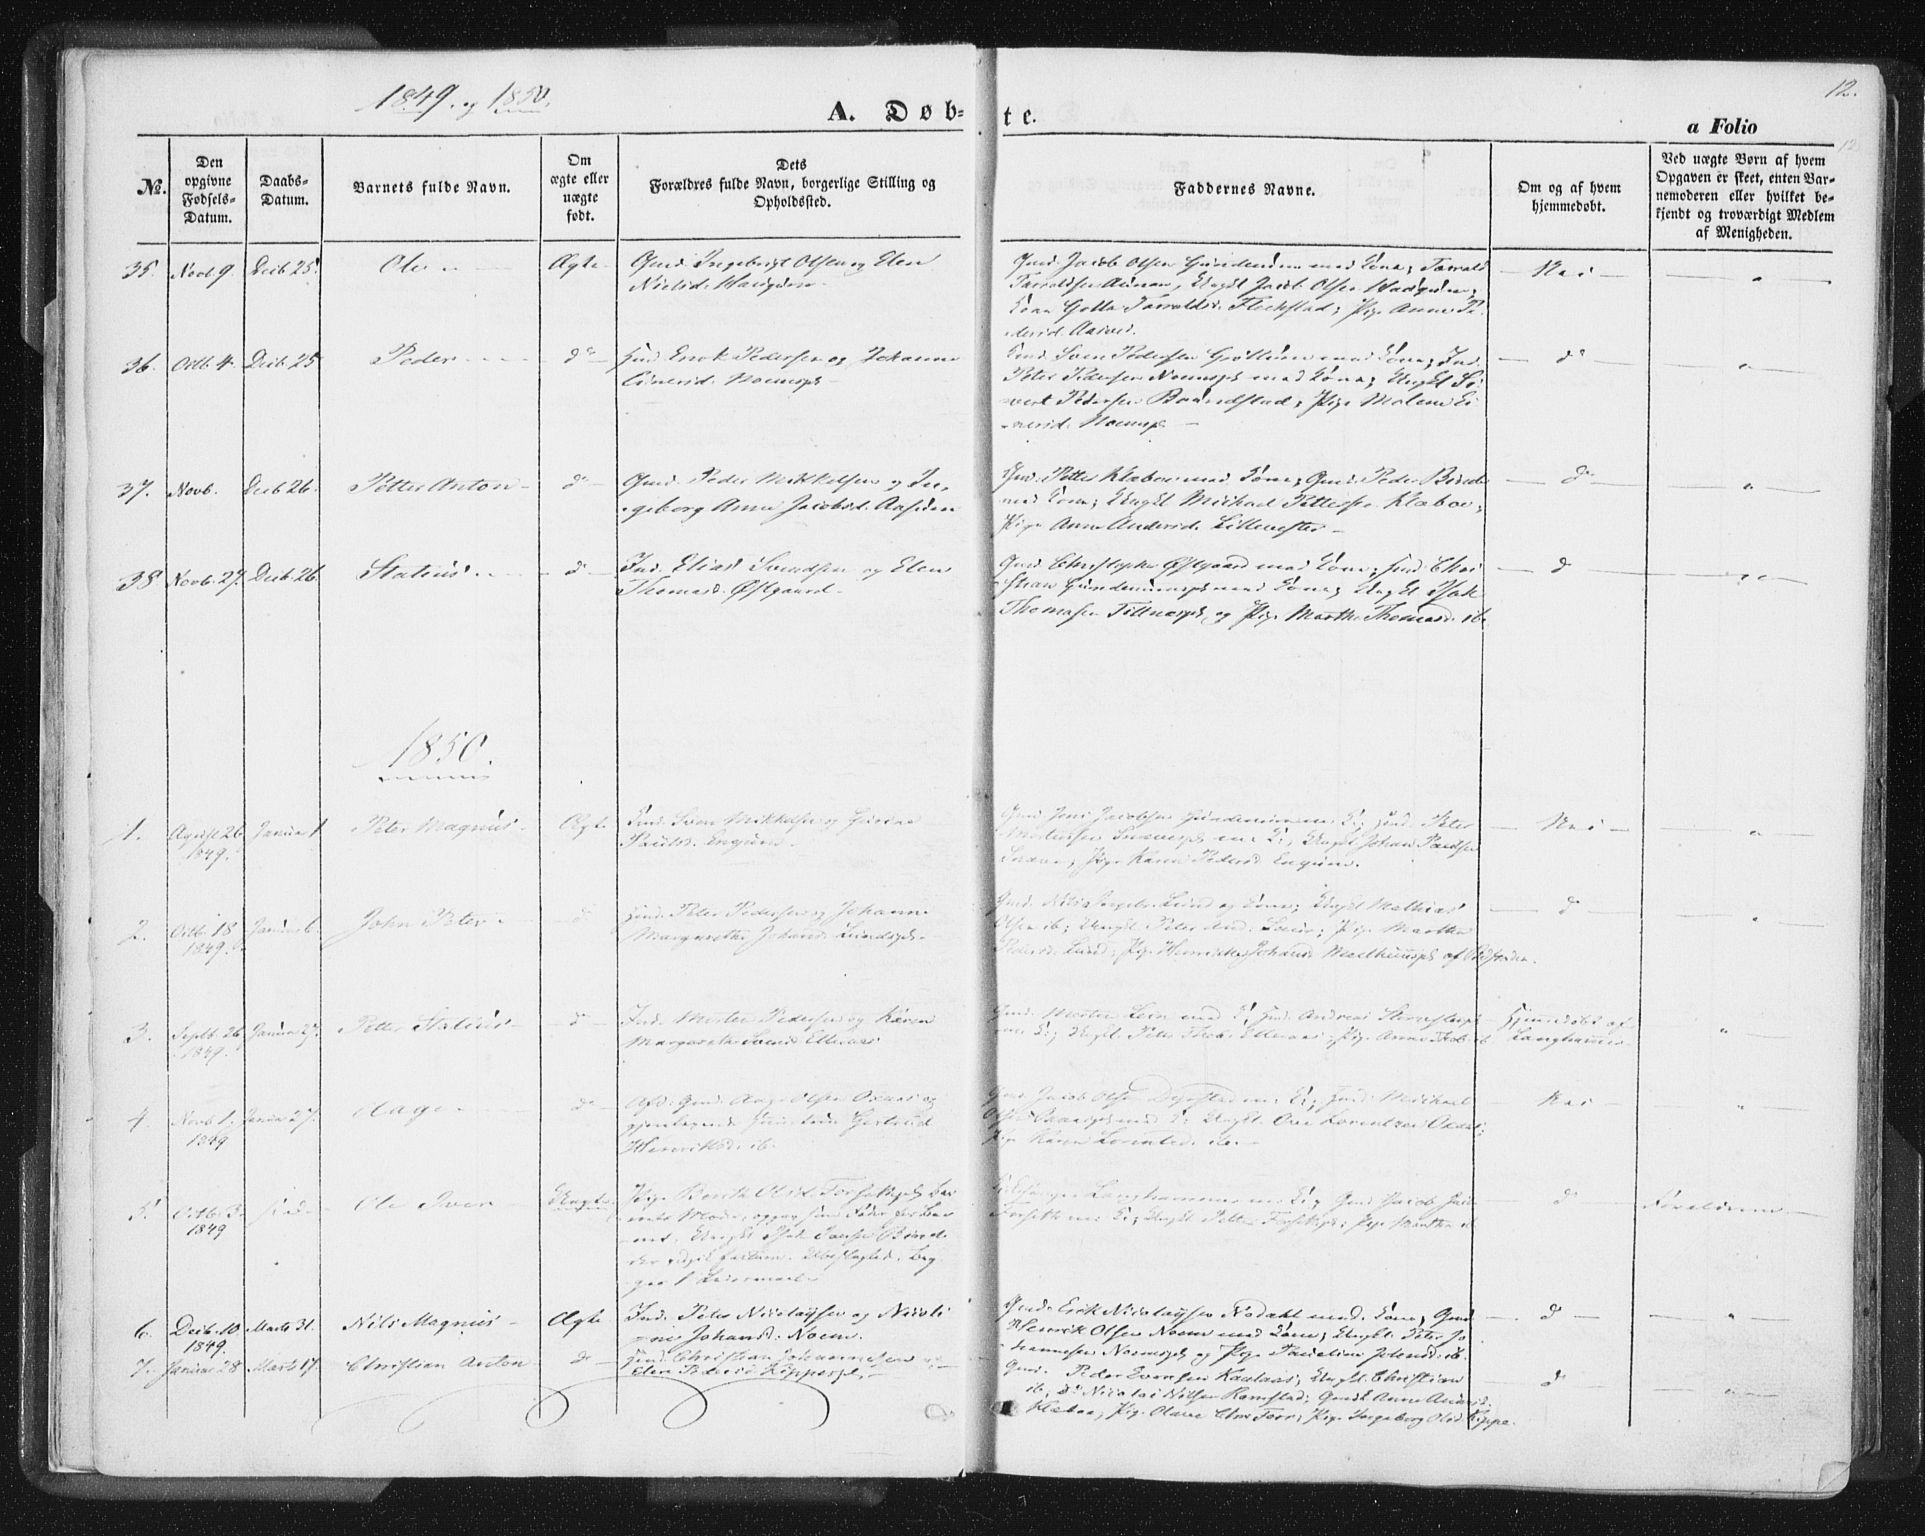 SAT, Ministerialprotokoller, klokkerbøker og fødselsregistre - Nord-Trøndelag, 746/L0446: Ministerialbok nr. 746A05, 1846-1859, s. 12